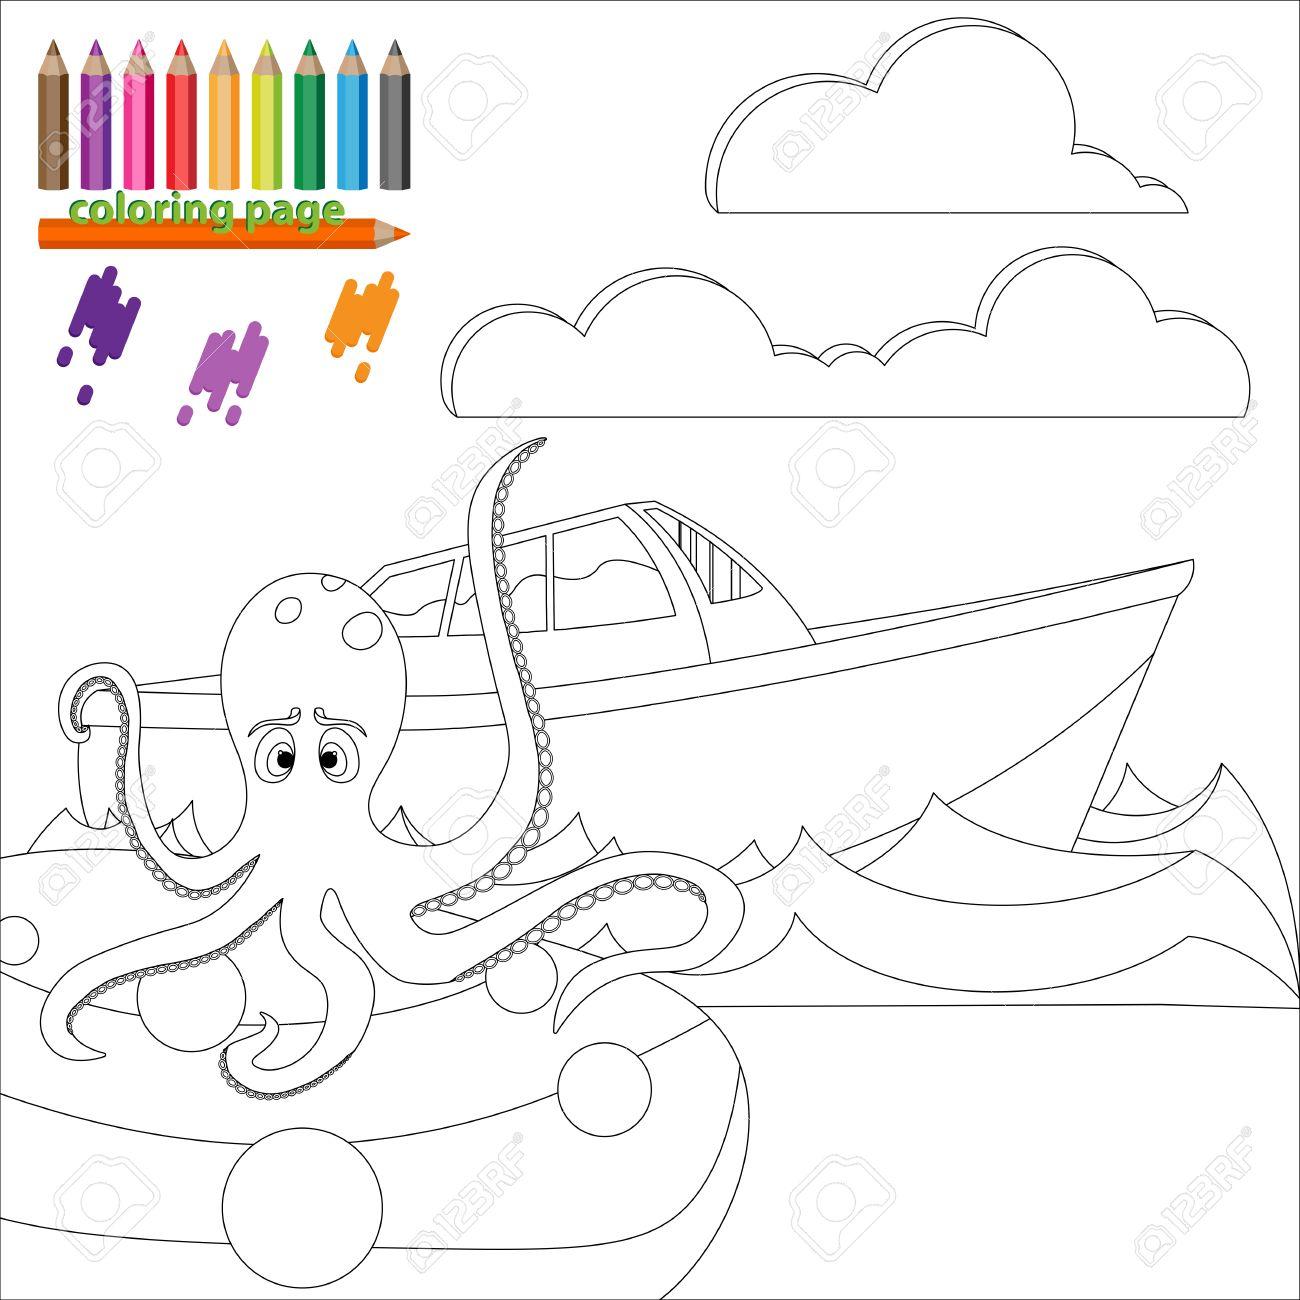 Vettoriale Pagina Da Colorare Per I Bambini Polpo E Seduto Sulla Pietra E In Attesa Di Navi Image 52561696